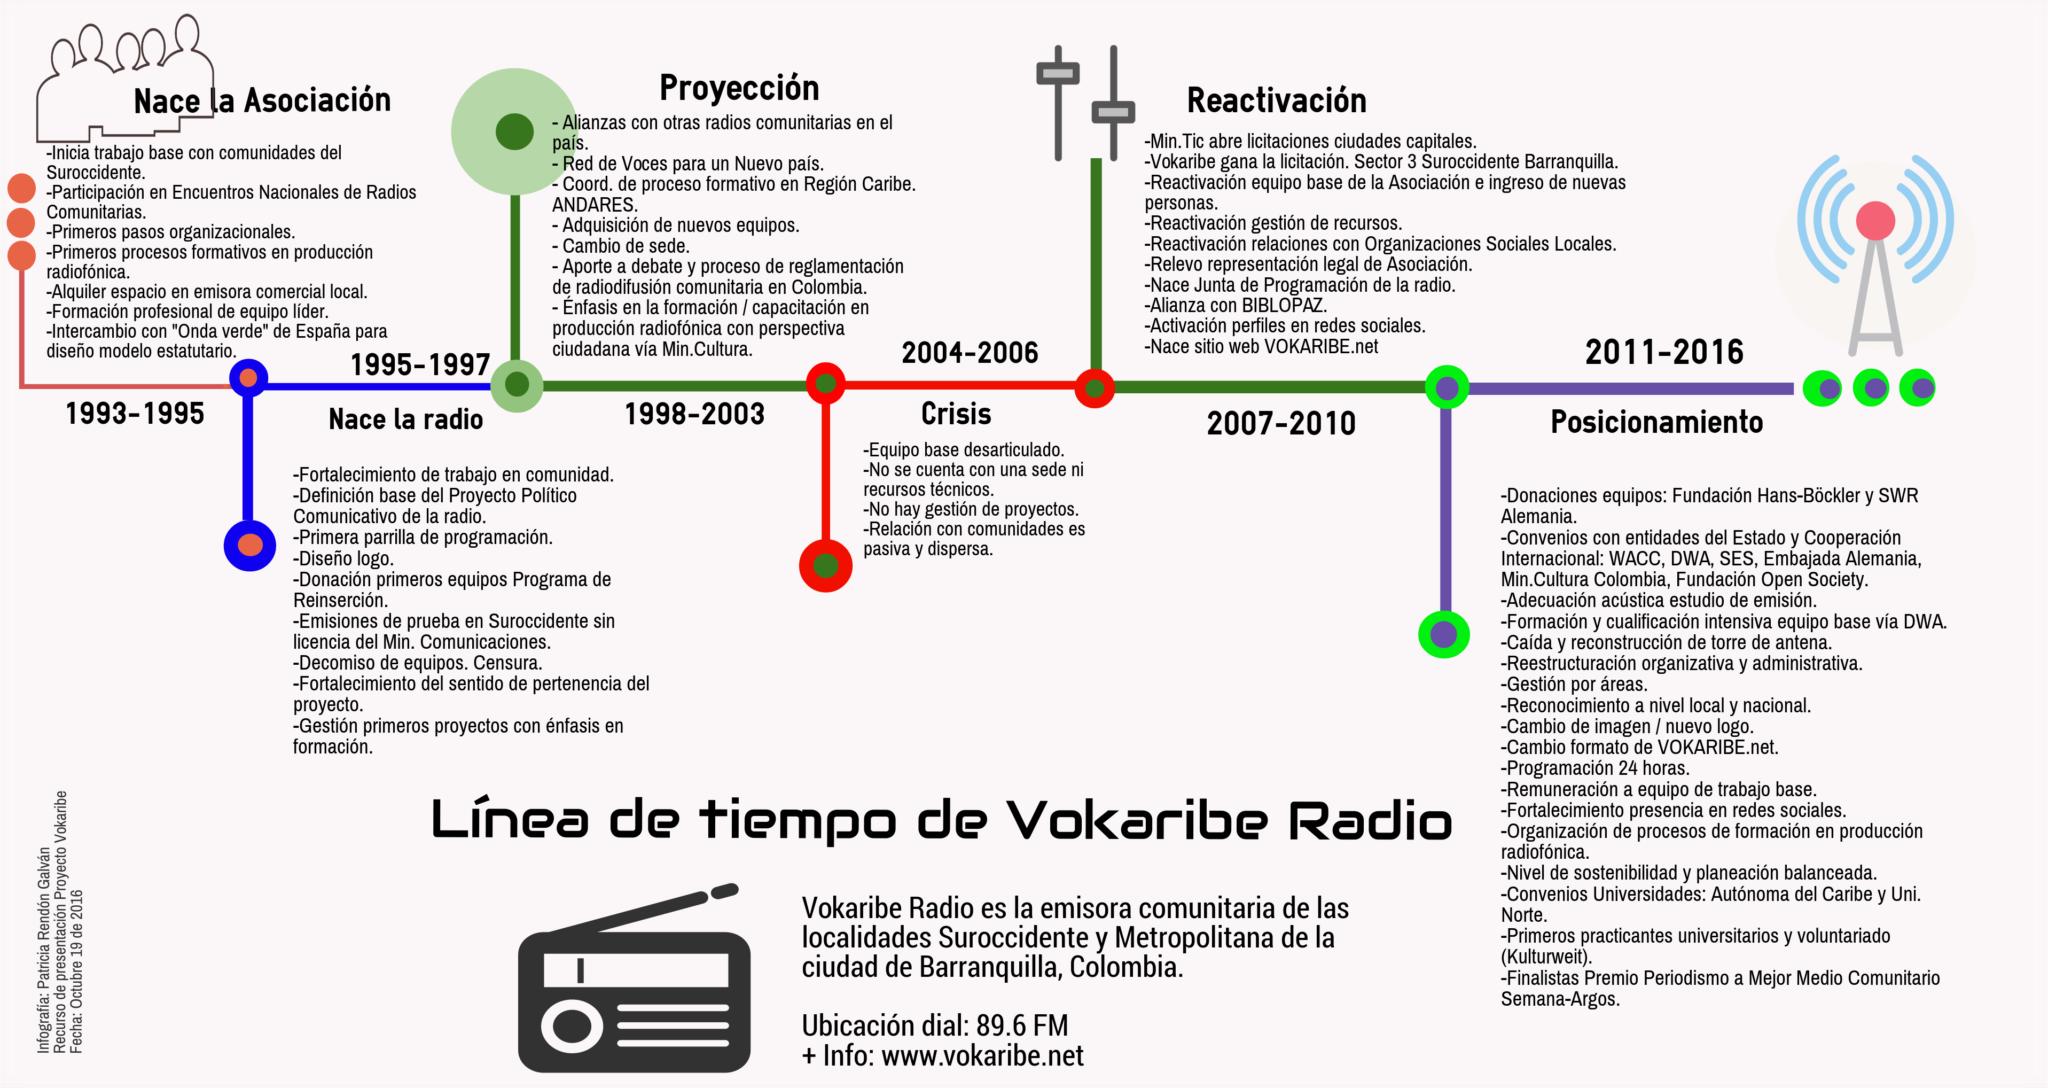 Línea de Tiempo Vokaribe 1993-2016